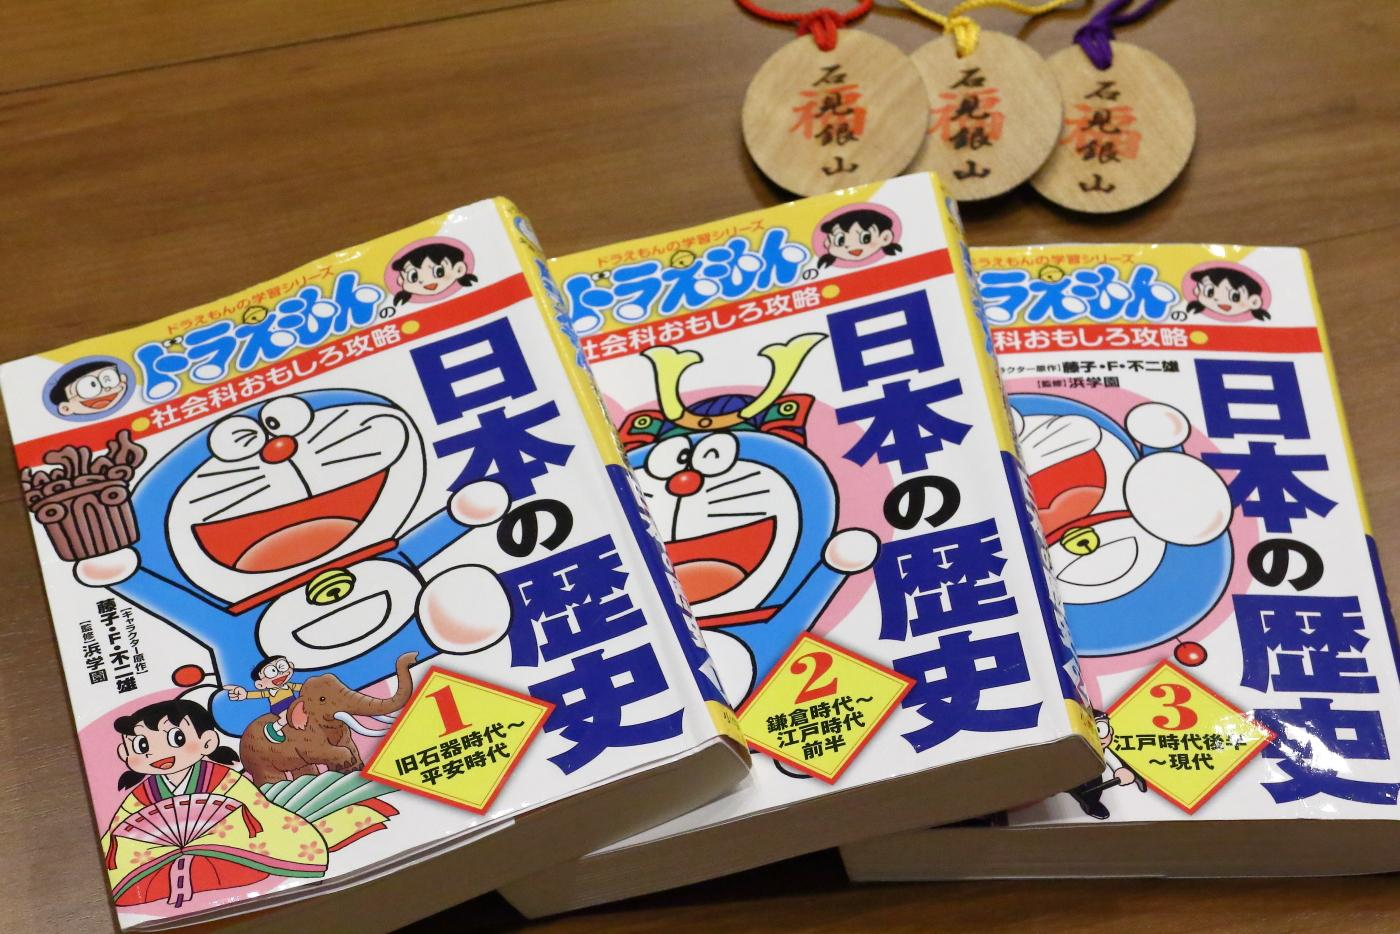 ドラえもん日本の歴史全3巻:ドラえもん学習シリーズ社会科おもしろ攻略